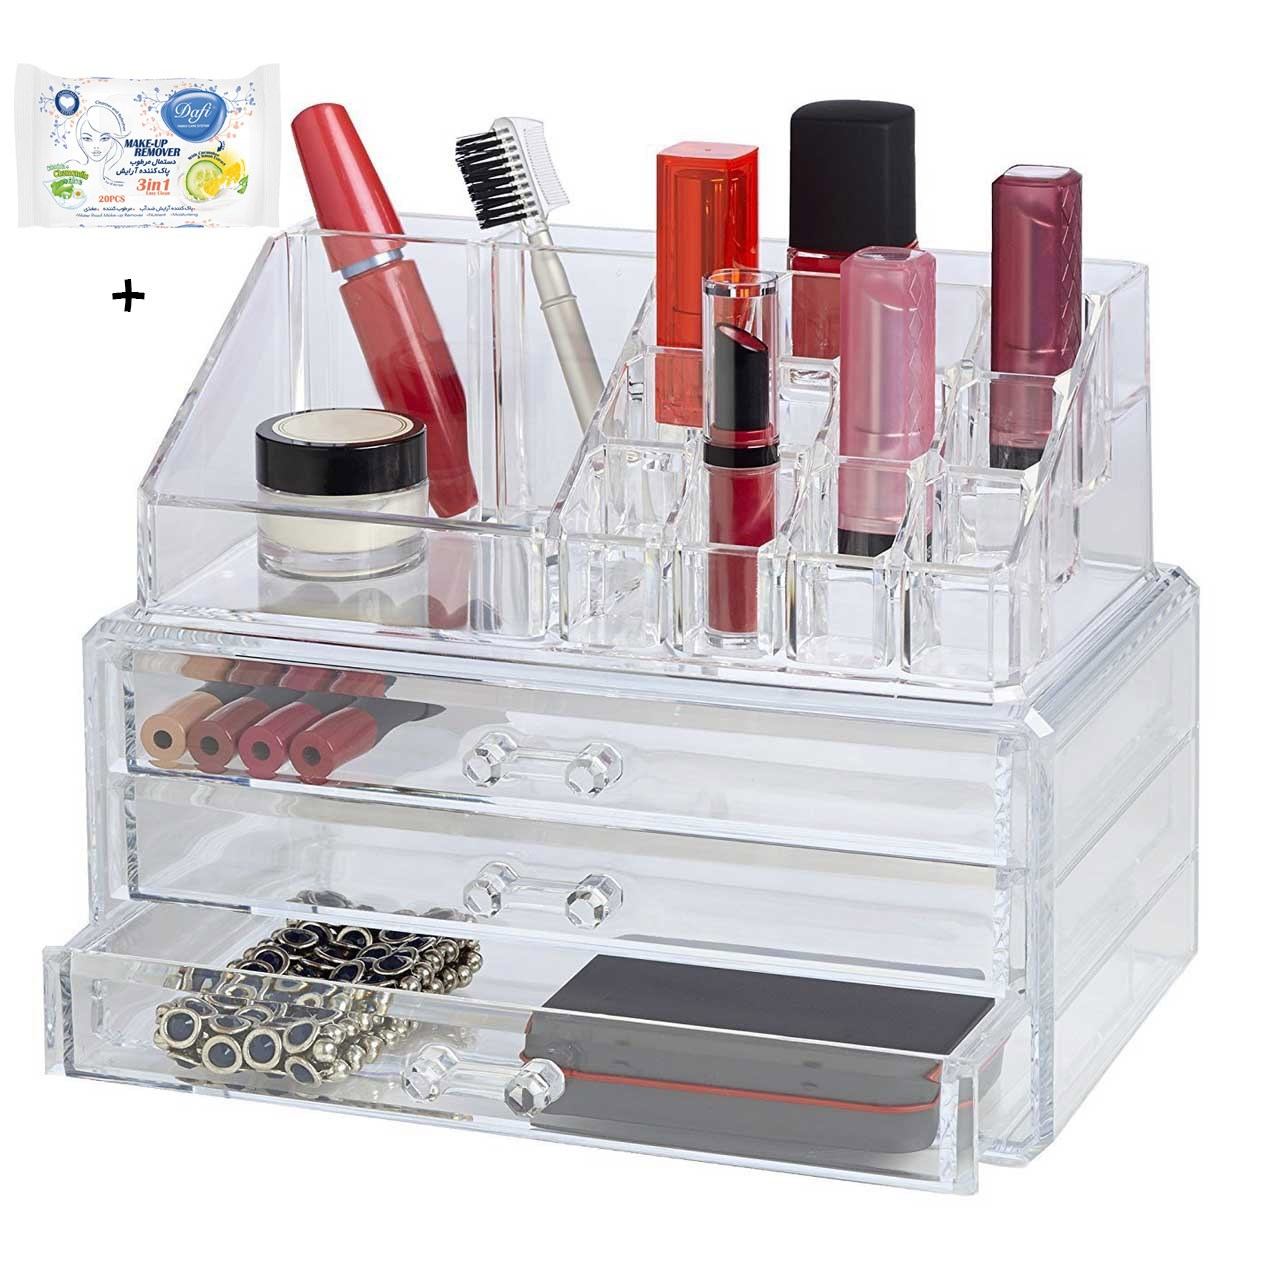 استند لوازم آرایش مدل Cosmetic همراه با 20 عدد دستمال مرطوب پاک کننده آرایش